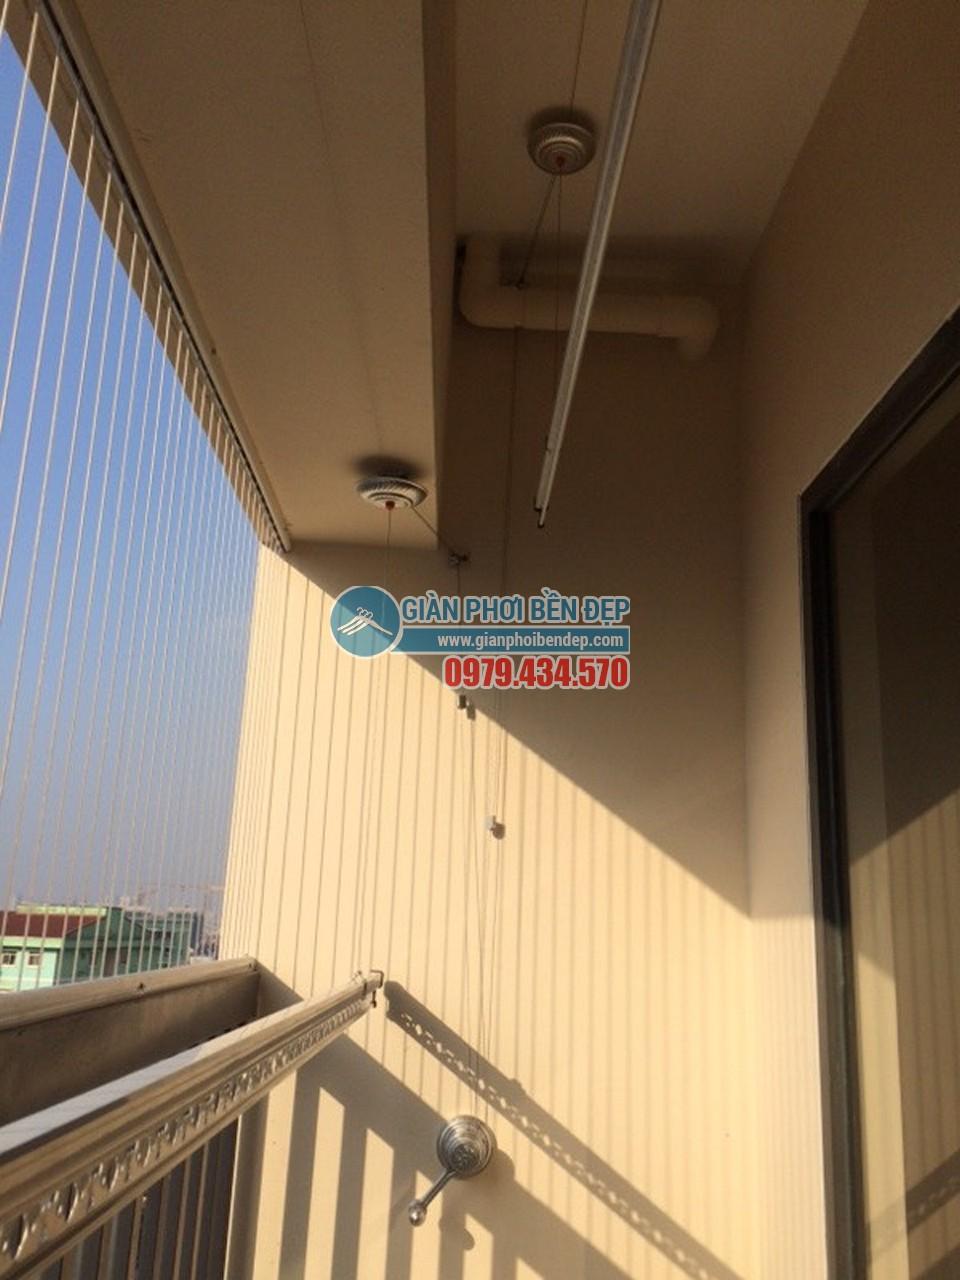 Hoàn thiện lắp giàn phơi thông minh tại ban công giật cấp nhà cô Hảo, tòa Rice City - 06